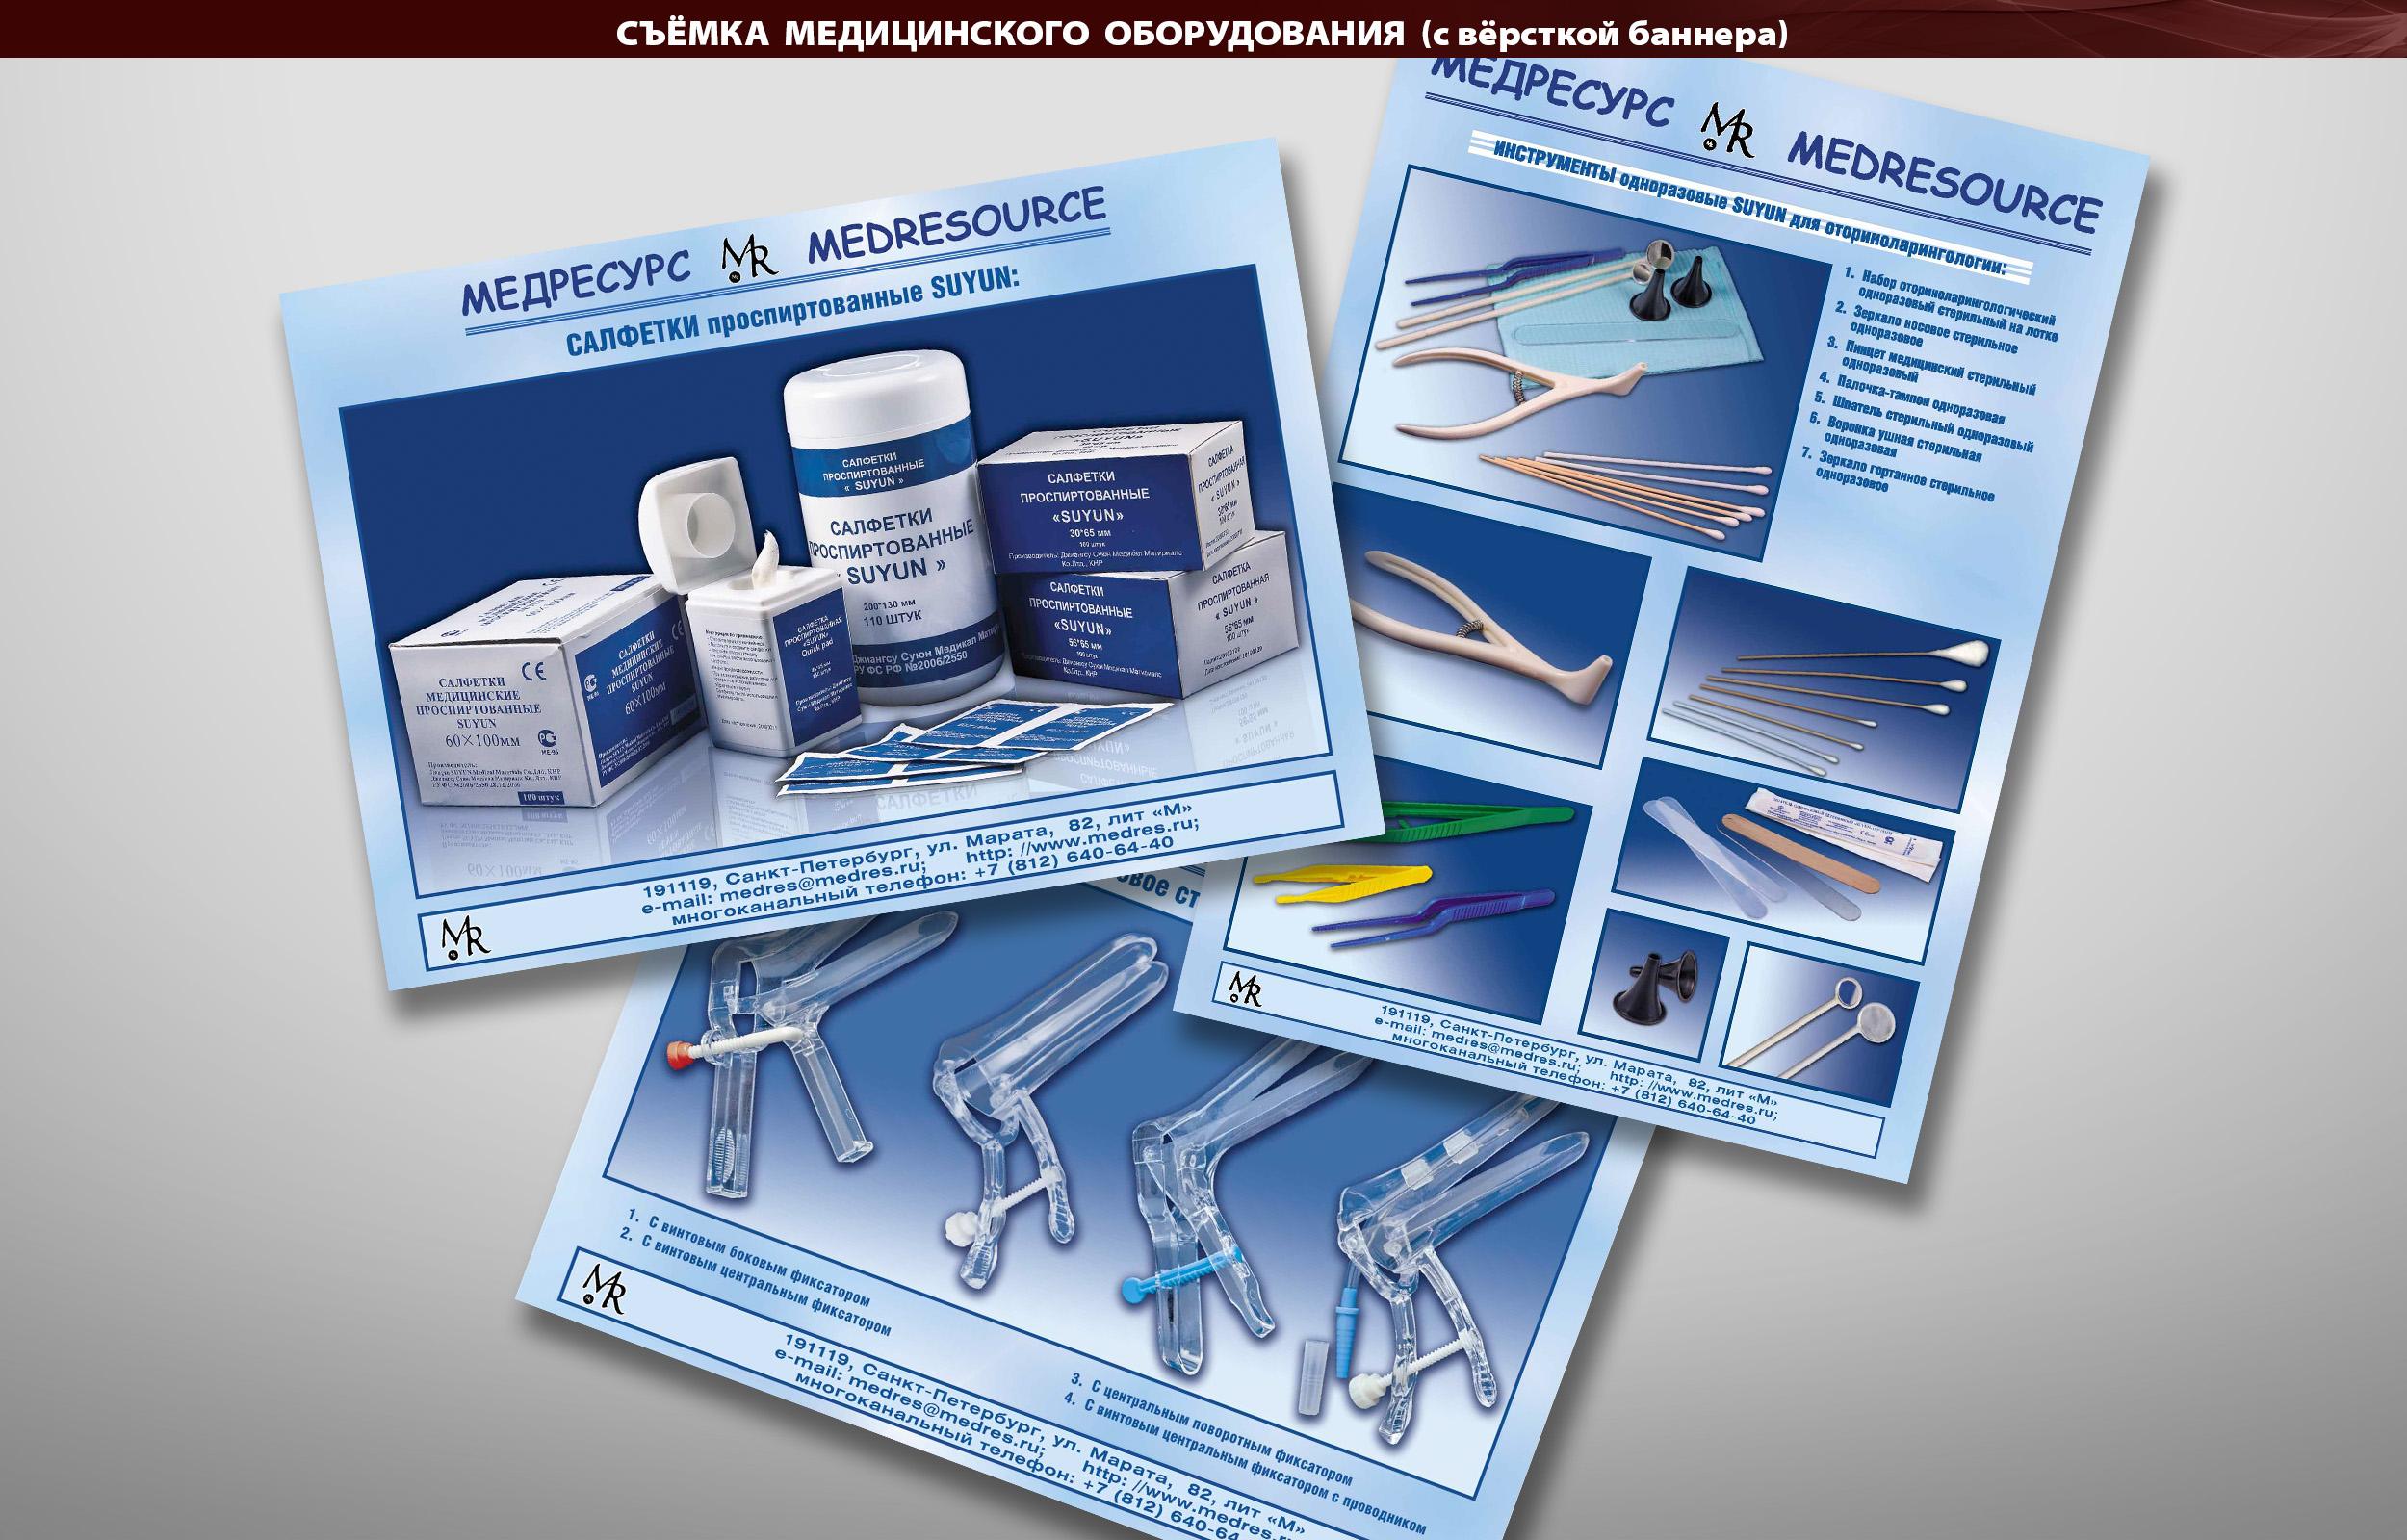 Съёмка медицинского оборудования (с вёрсткой баннеров)